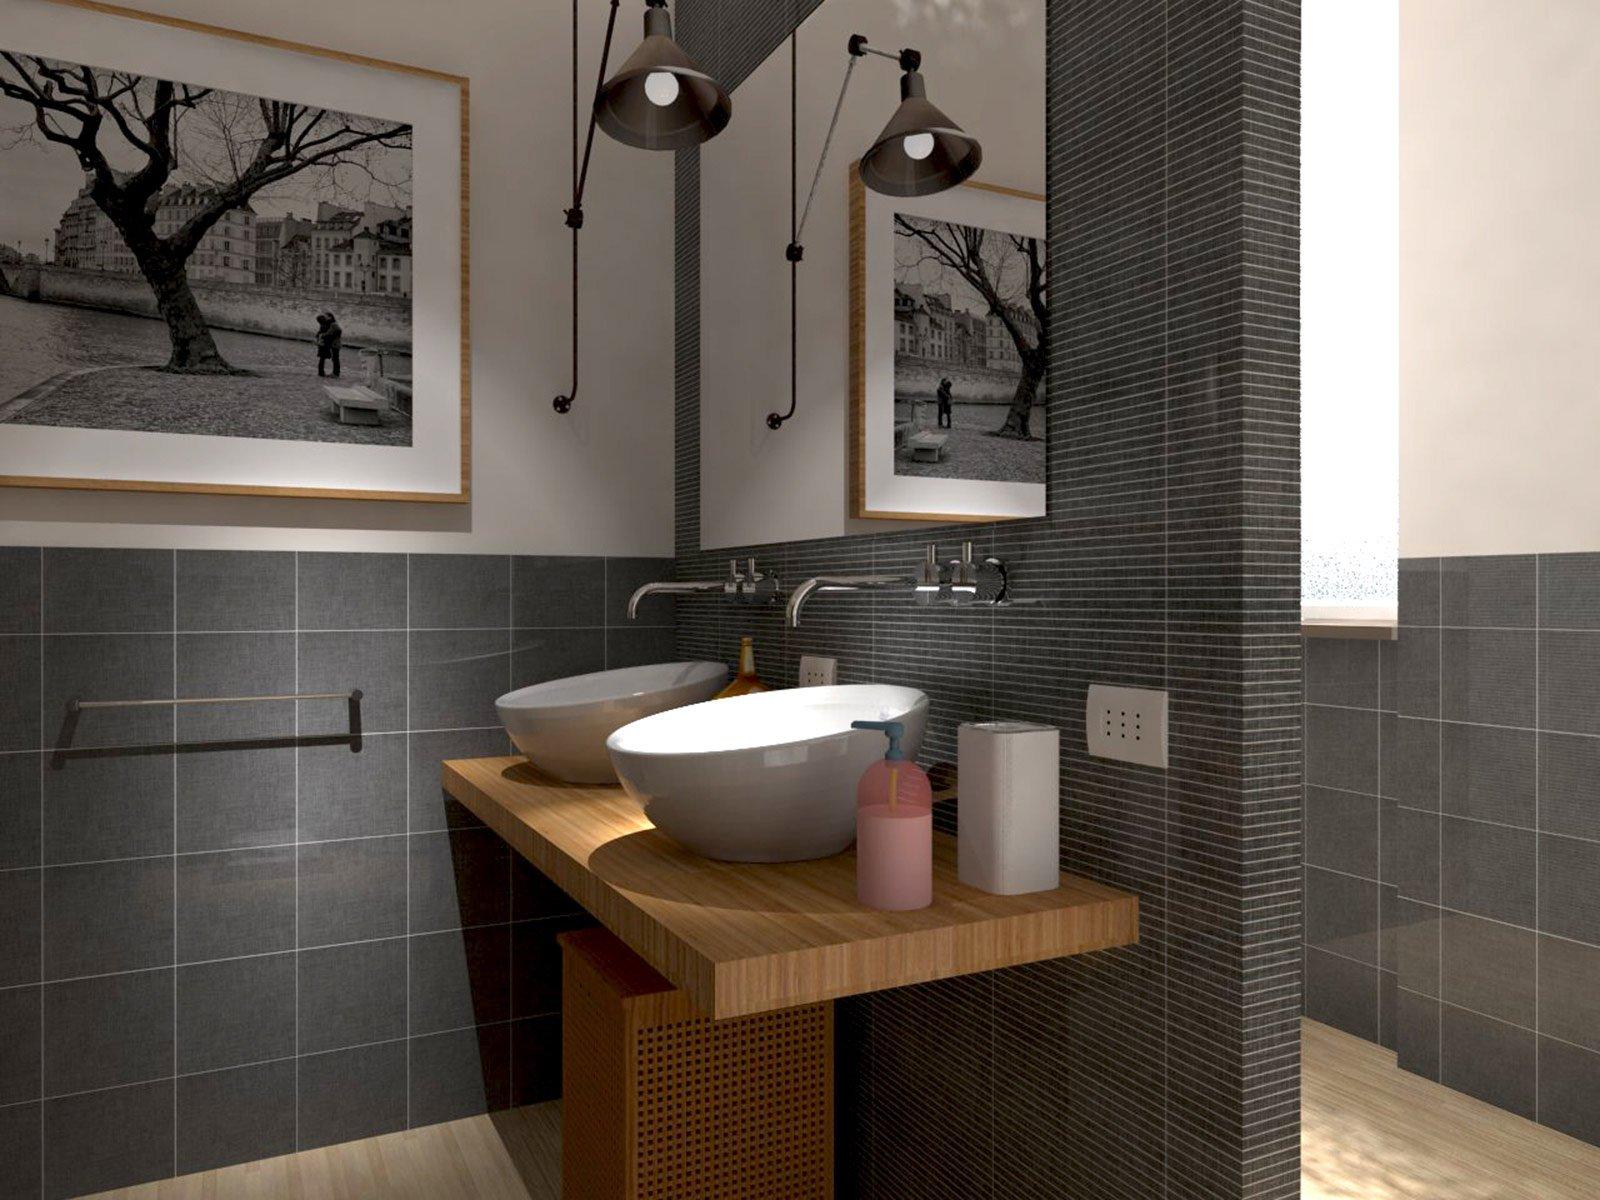 Rifare il bagno progetto in 3d con lavatrice nascosta cose di casa - Cucina nascosta ...